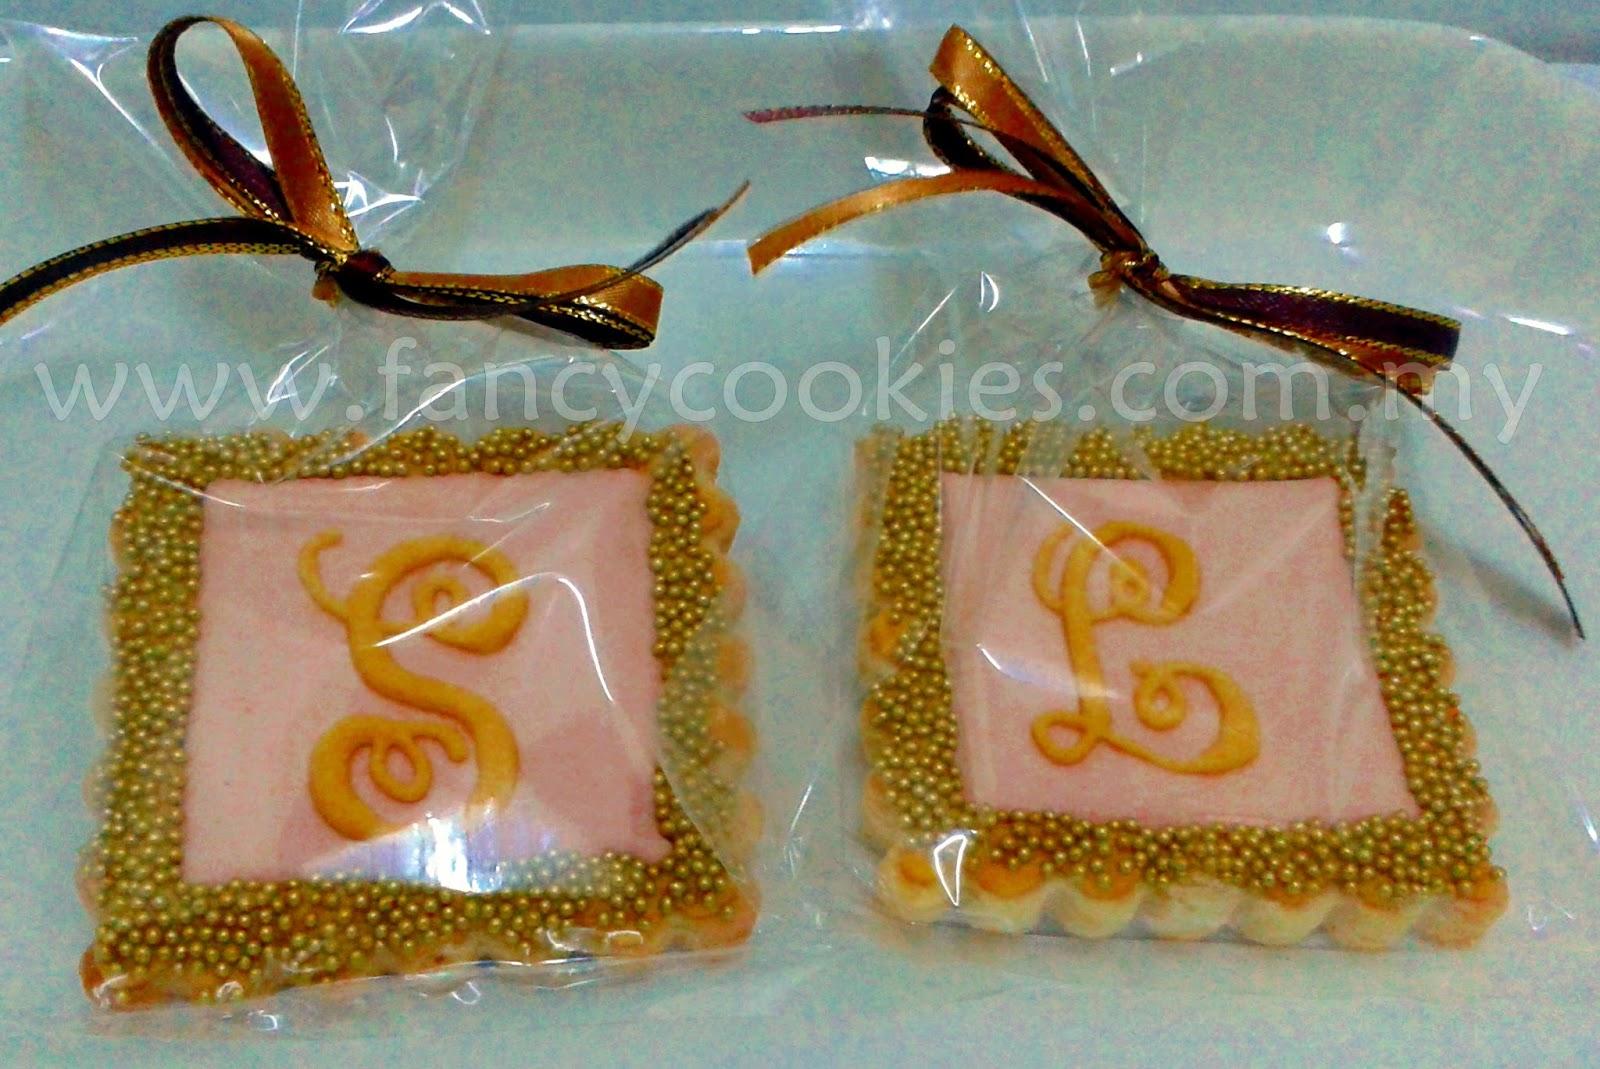 wedding monogram fancy cookies